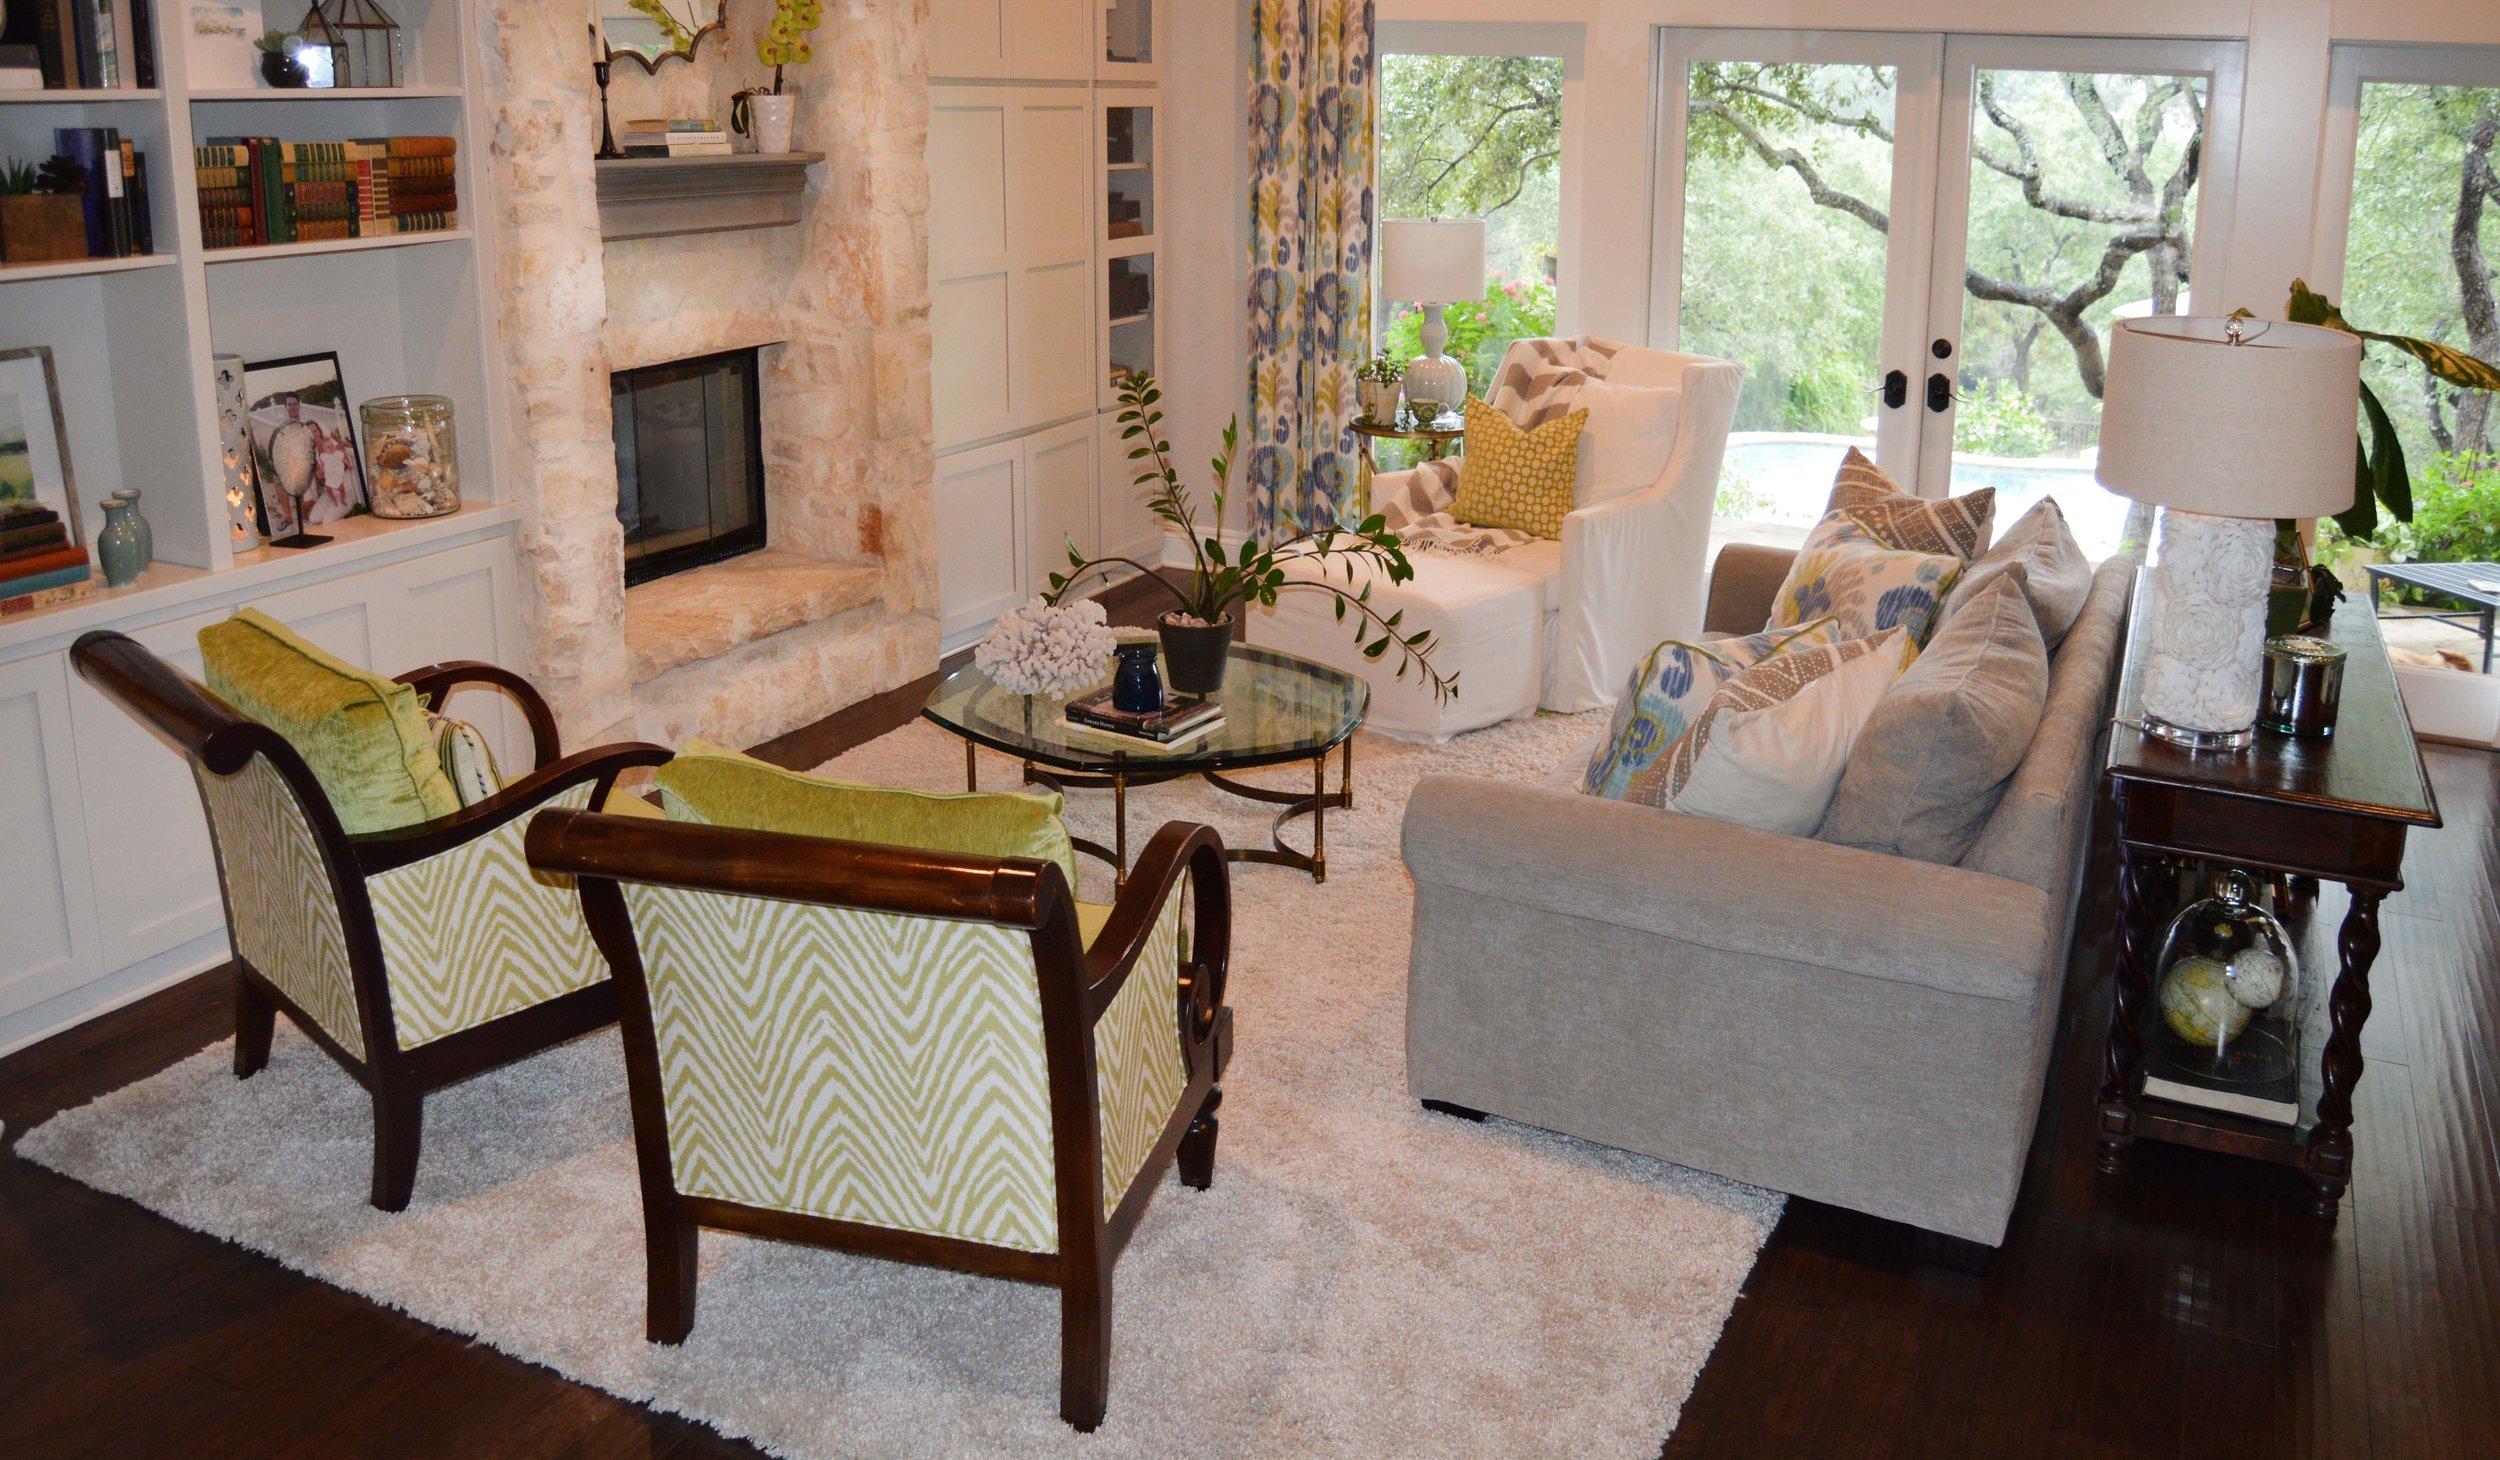 Living Room Details - Abode Interior Design